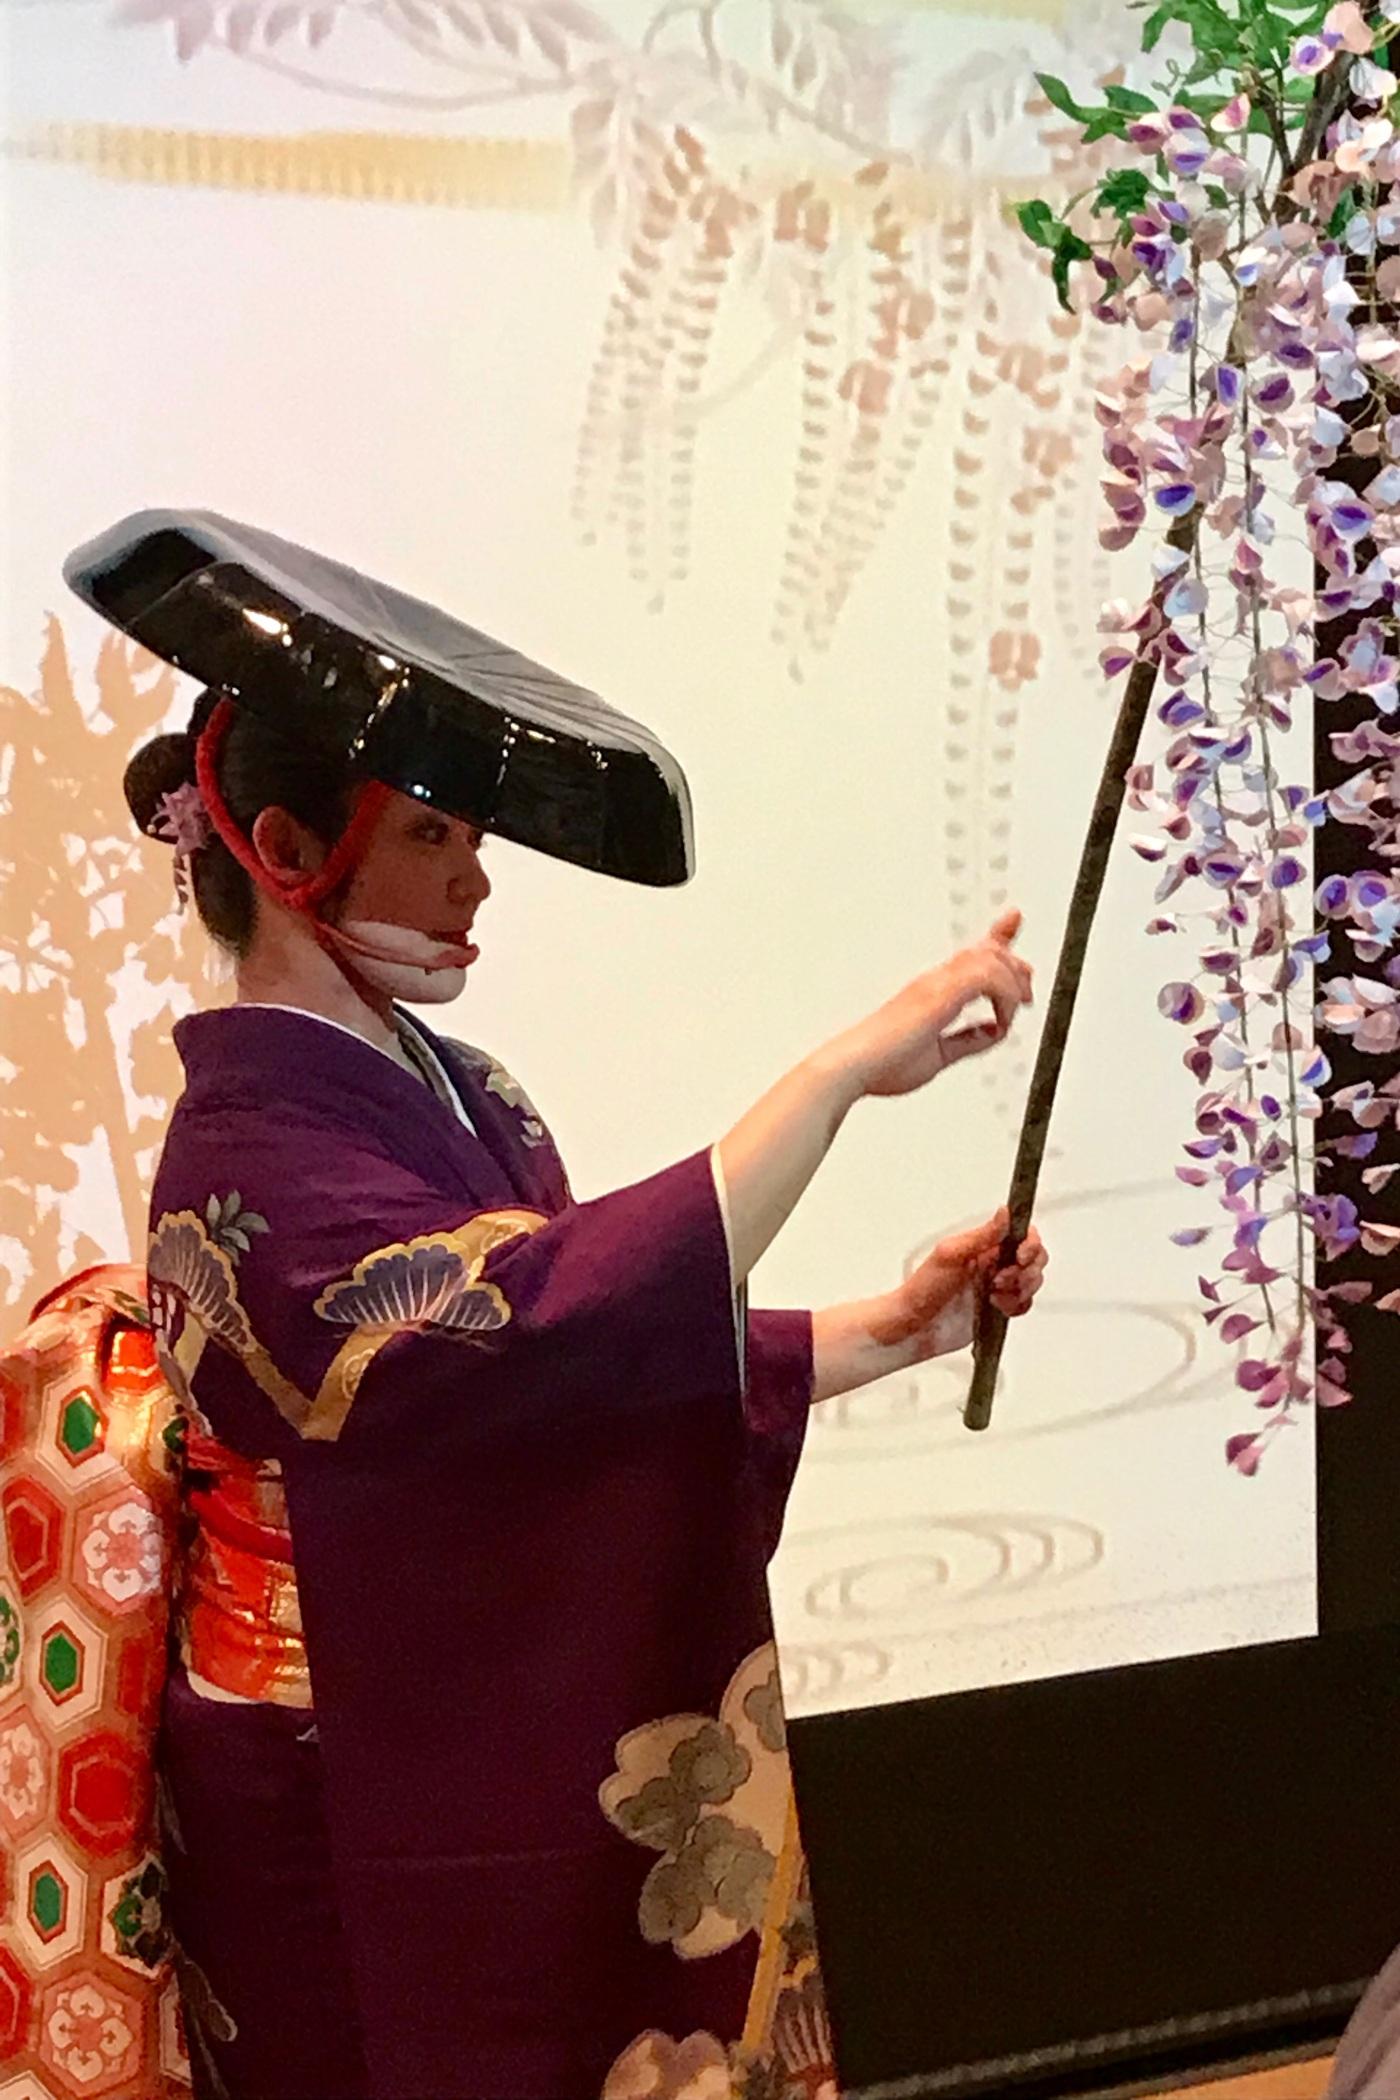 Tanec pod rozkvetlými sakurami. Japonský tradiční tanec především vypráví příběh